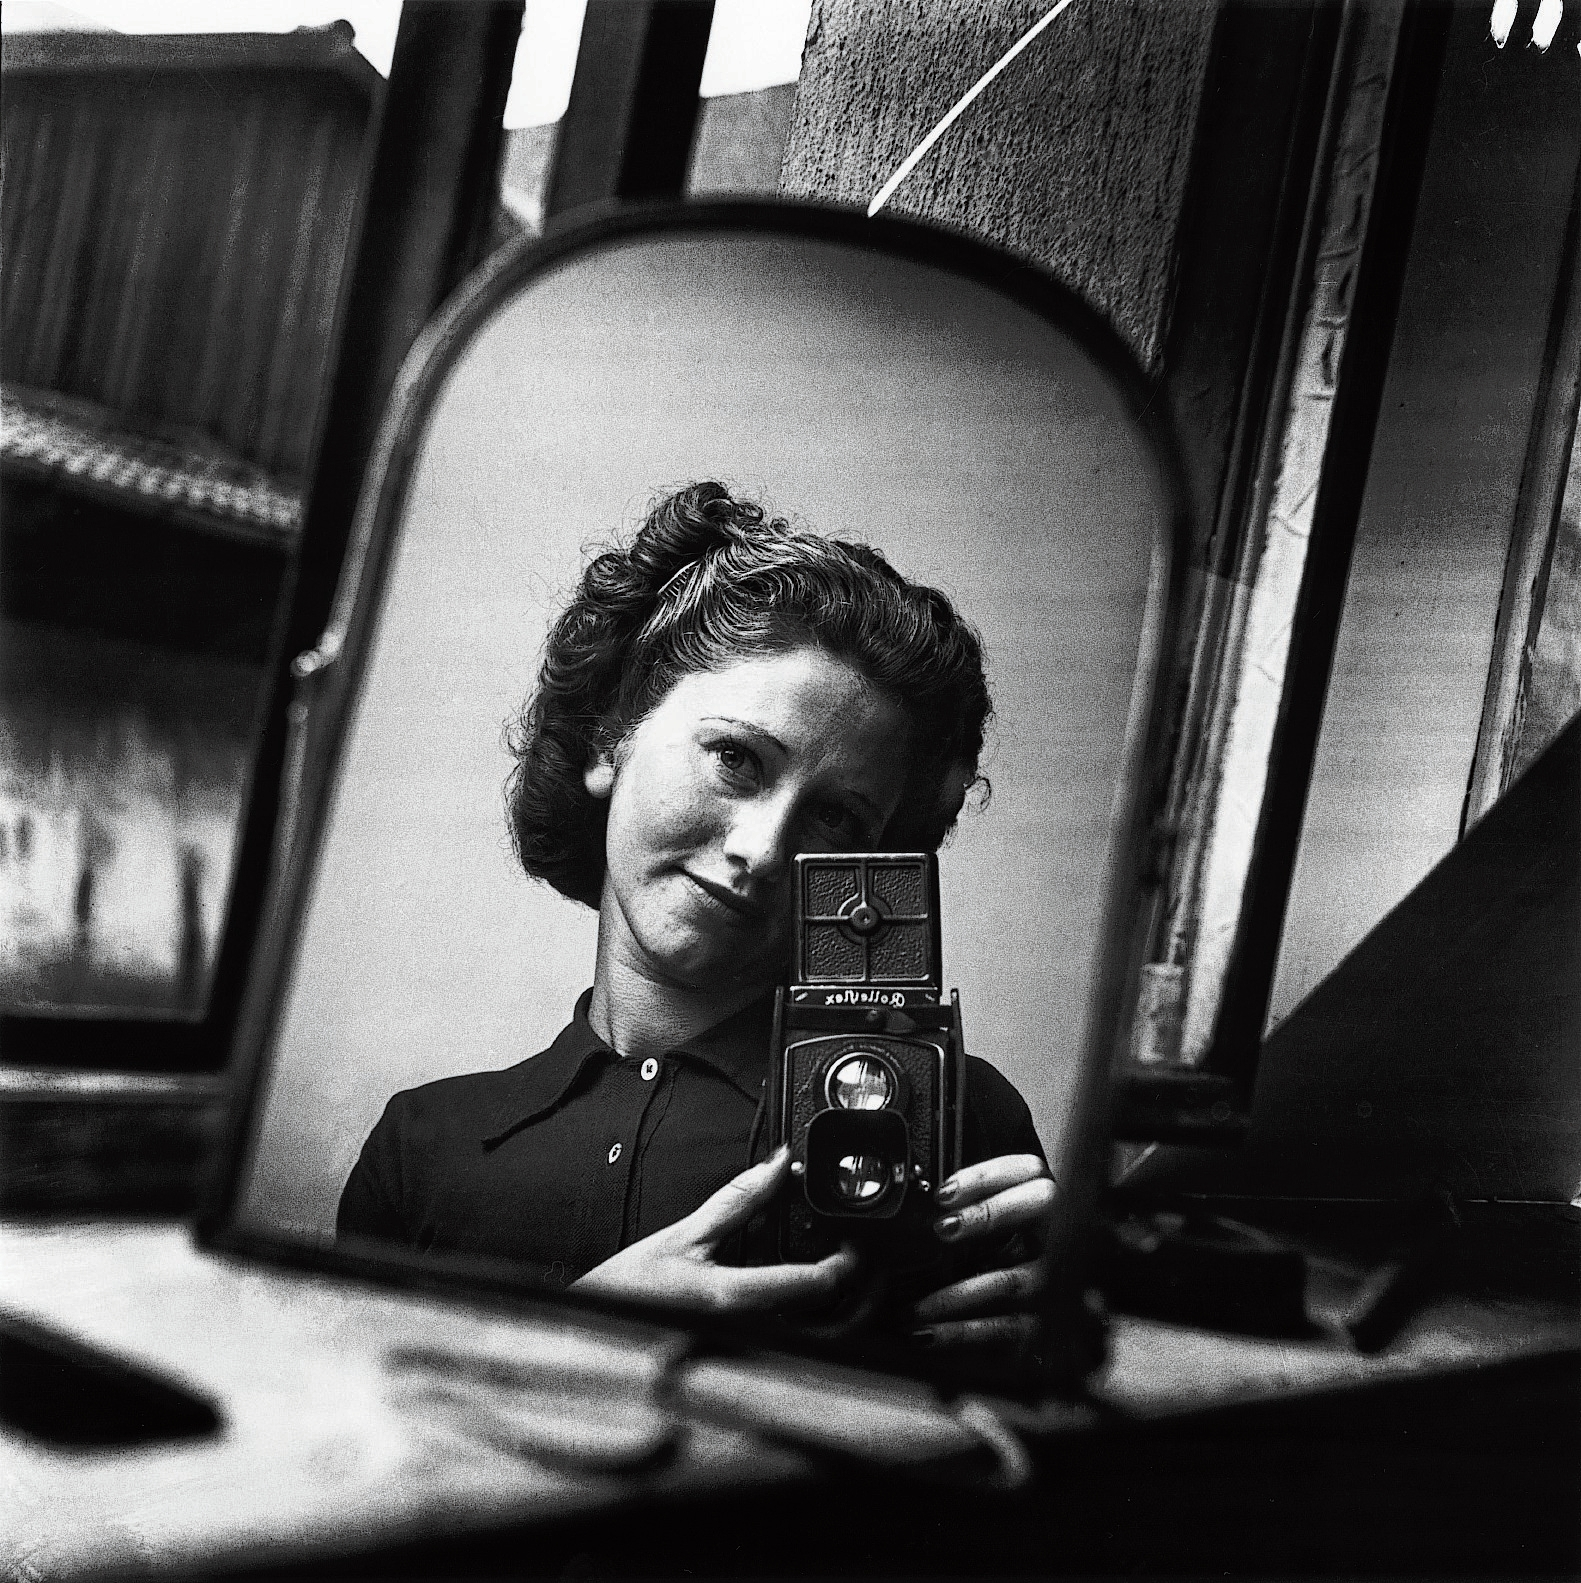 foto: © Ata Kandó / Nederlands Fotomuseum - Zelfportret in Parijs (1935-1937)